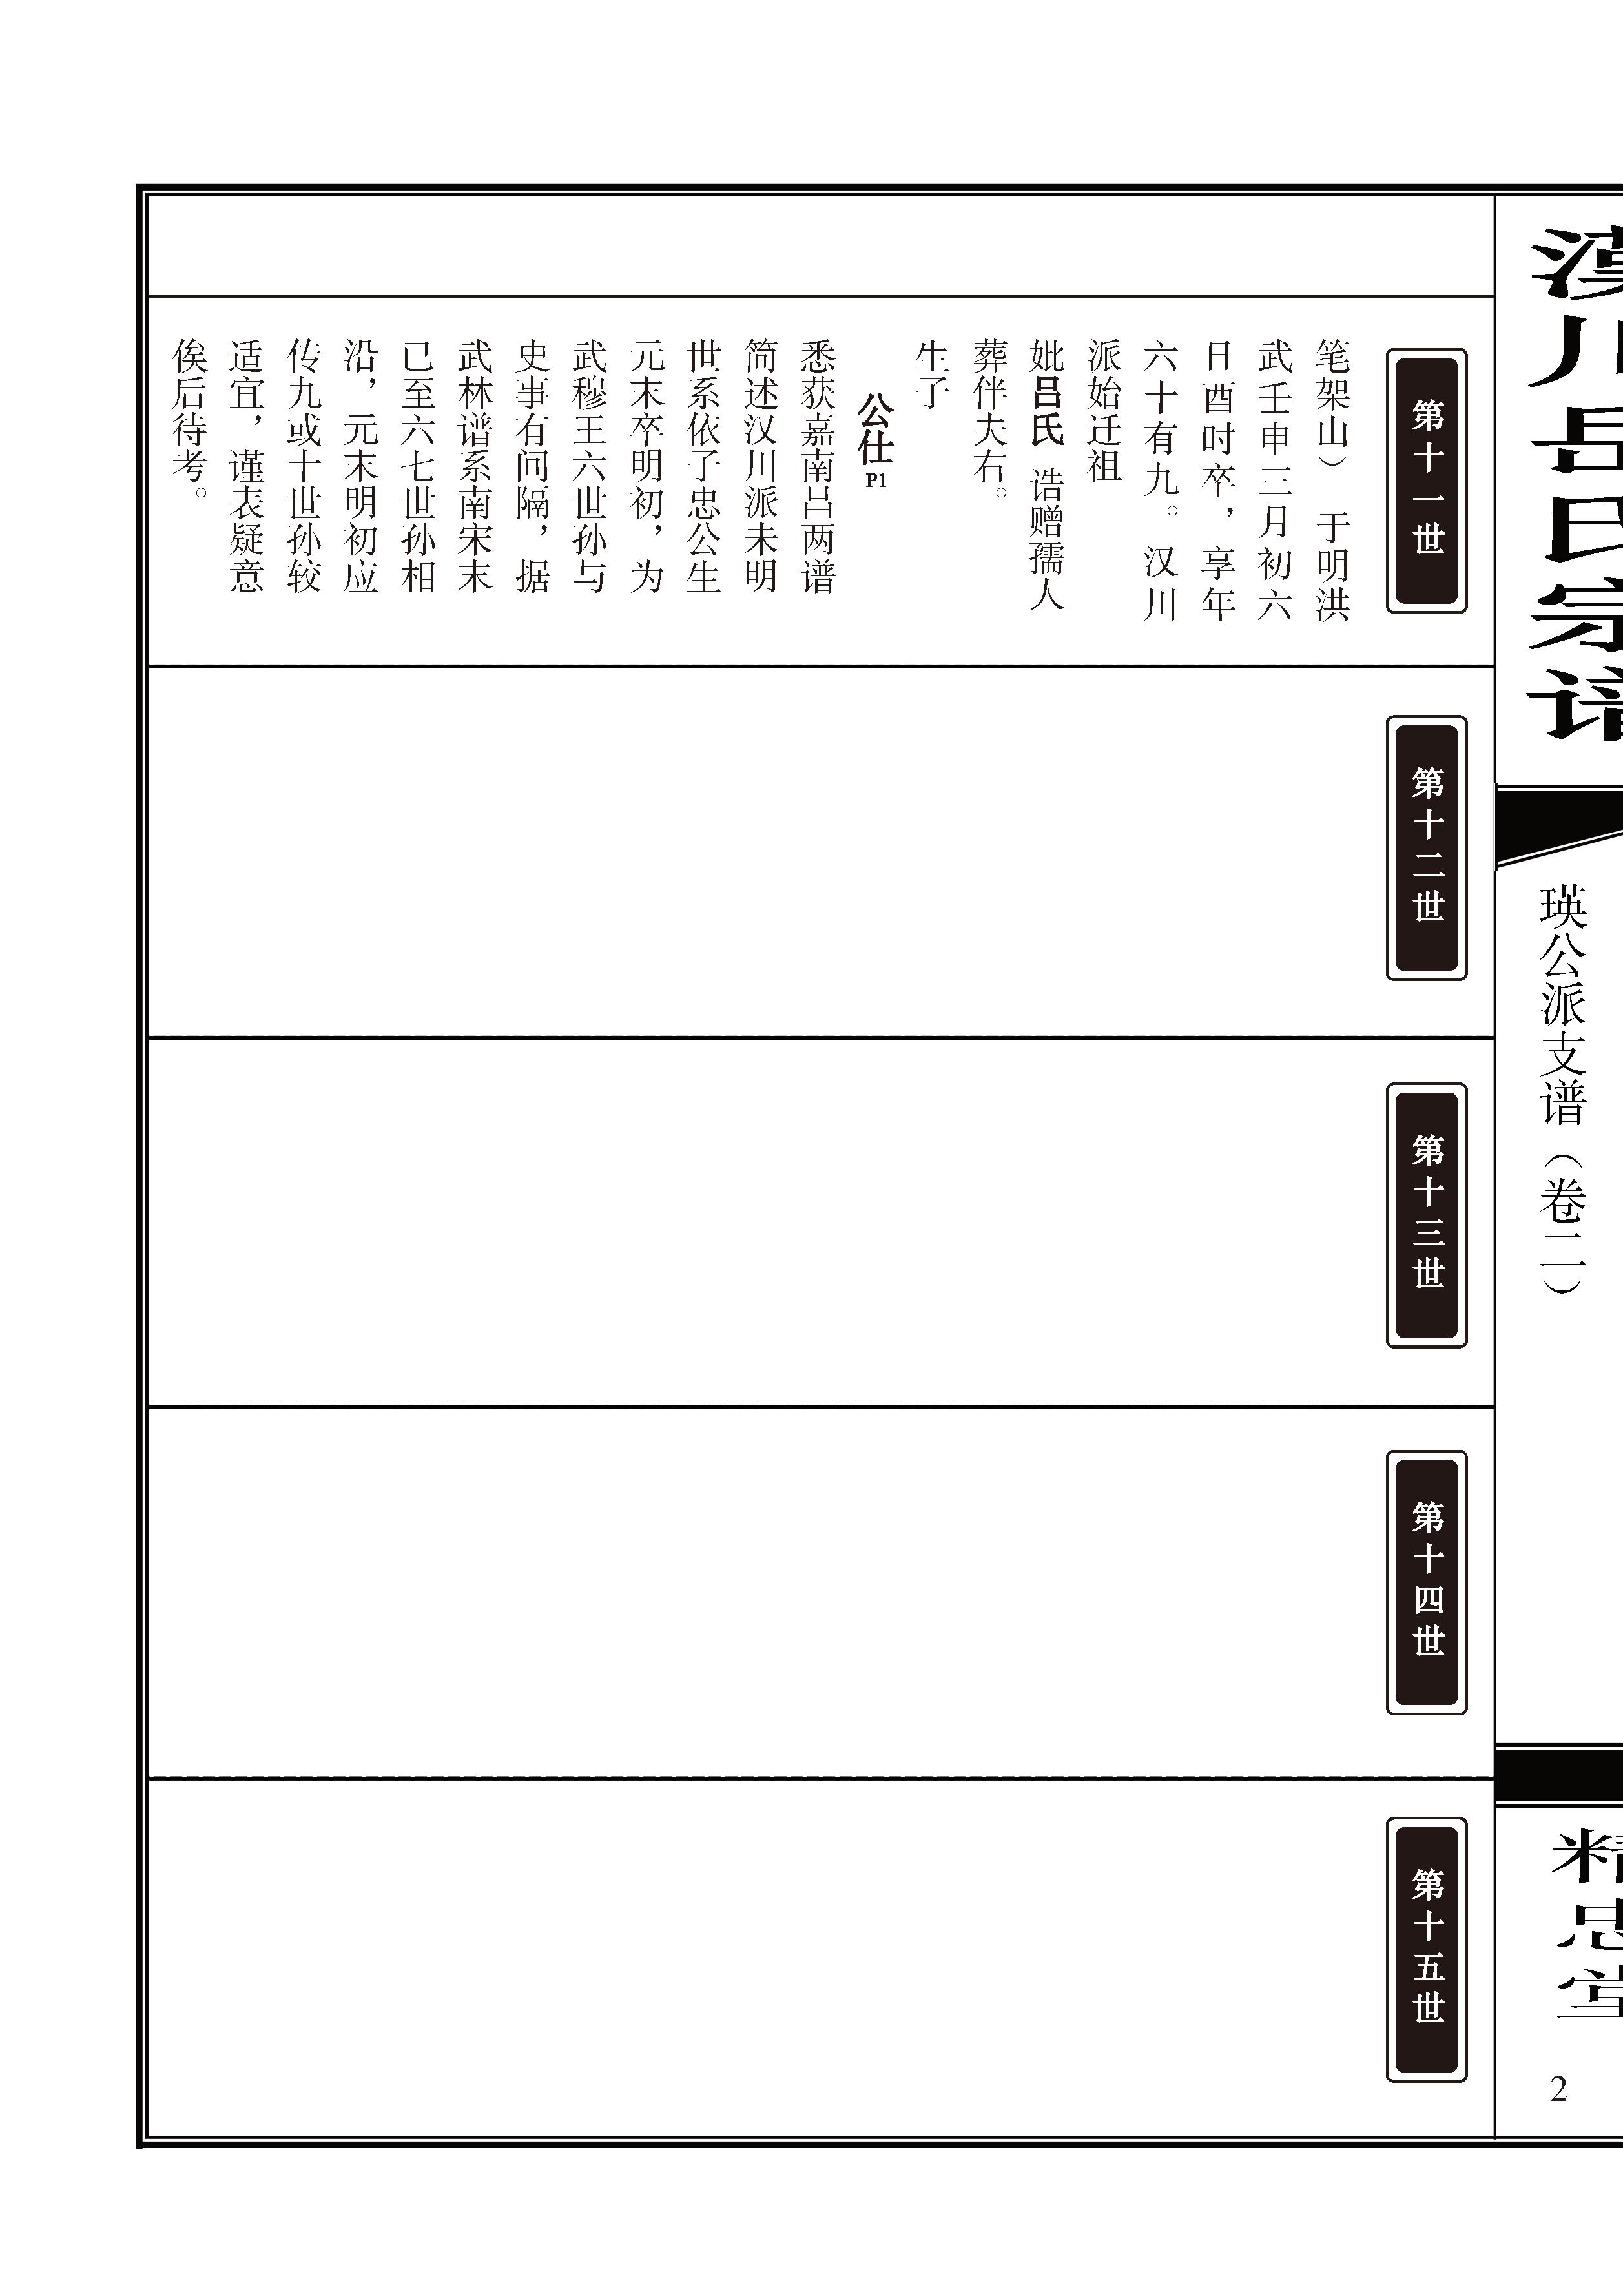 页面提取自-13古典标准欧式_页面_4